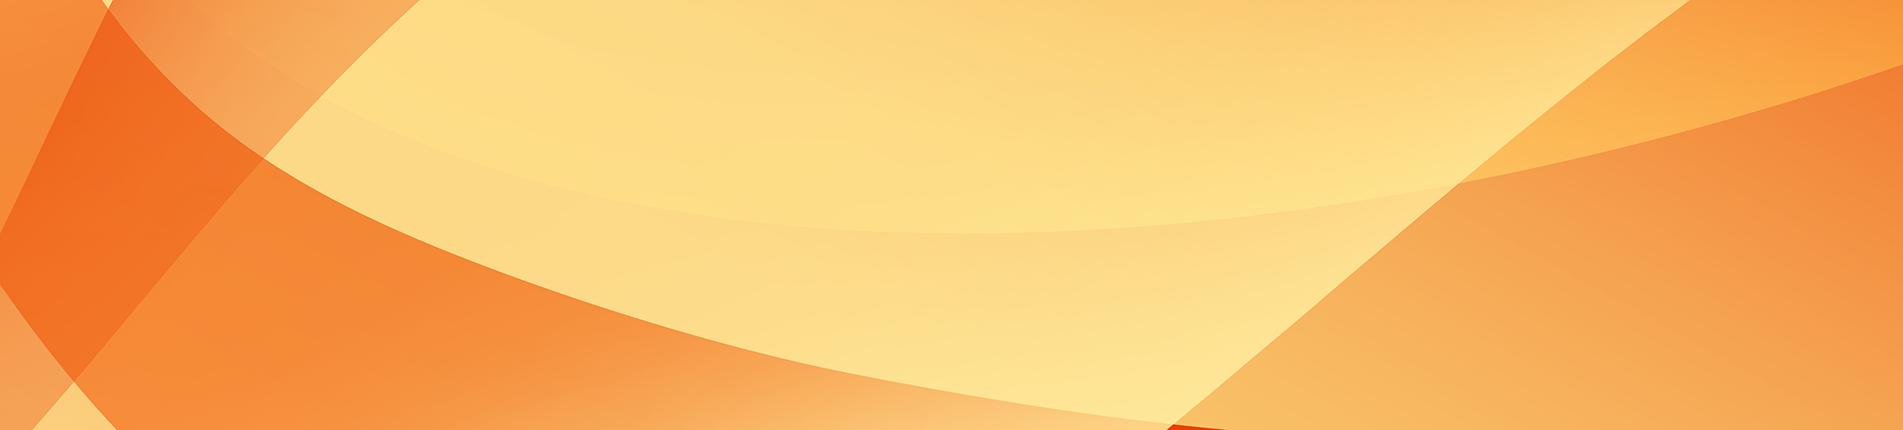 orange-background1